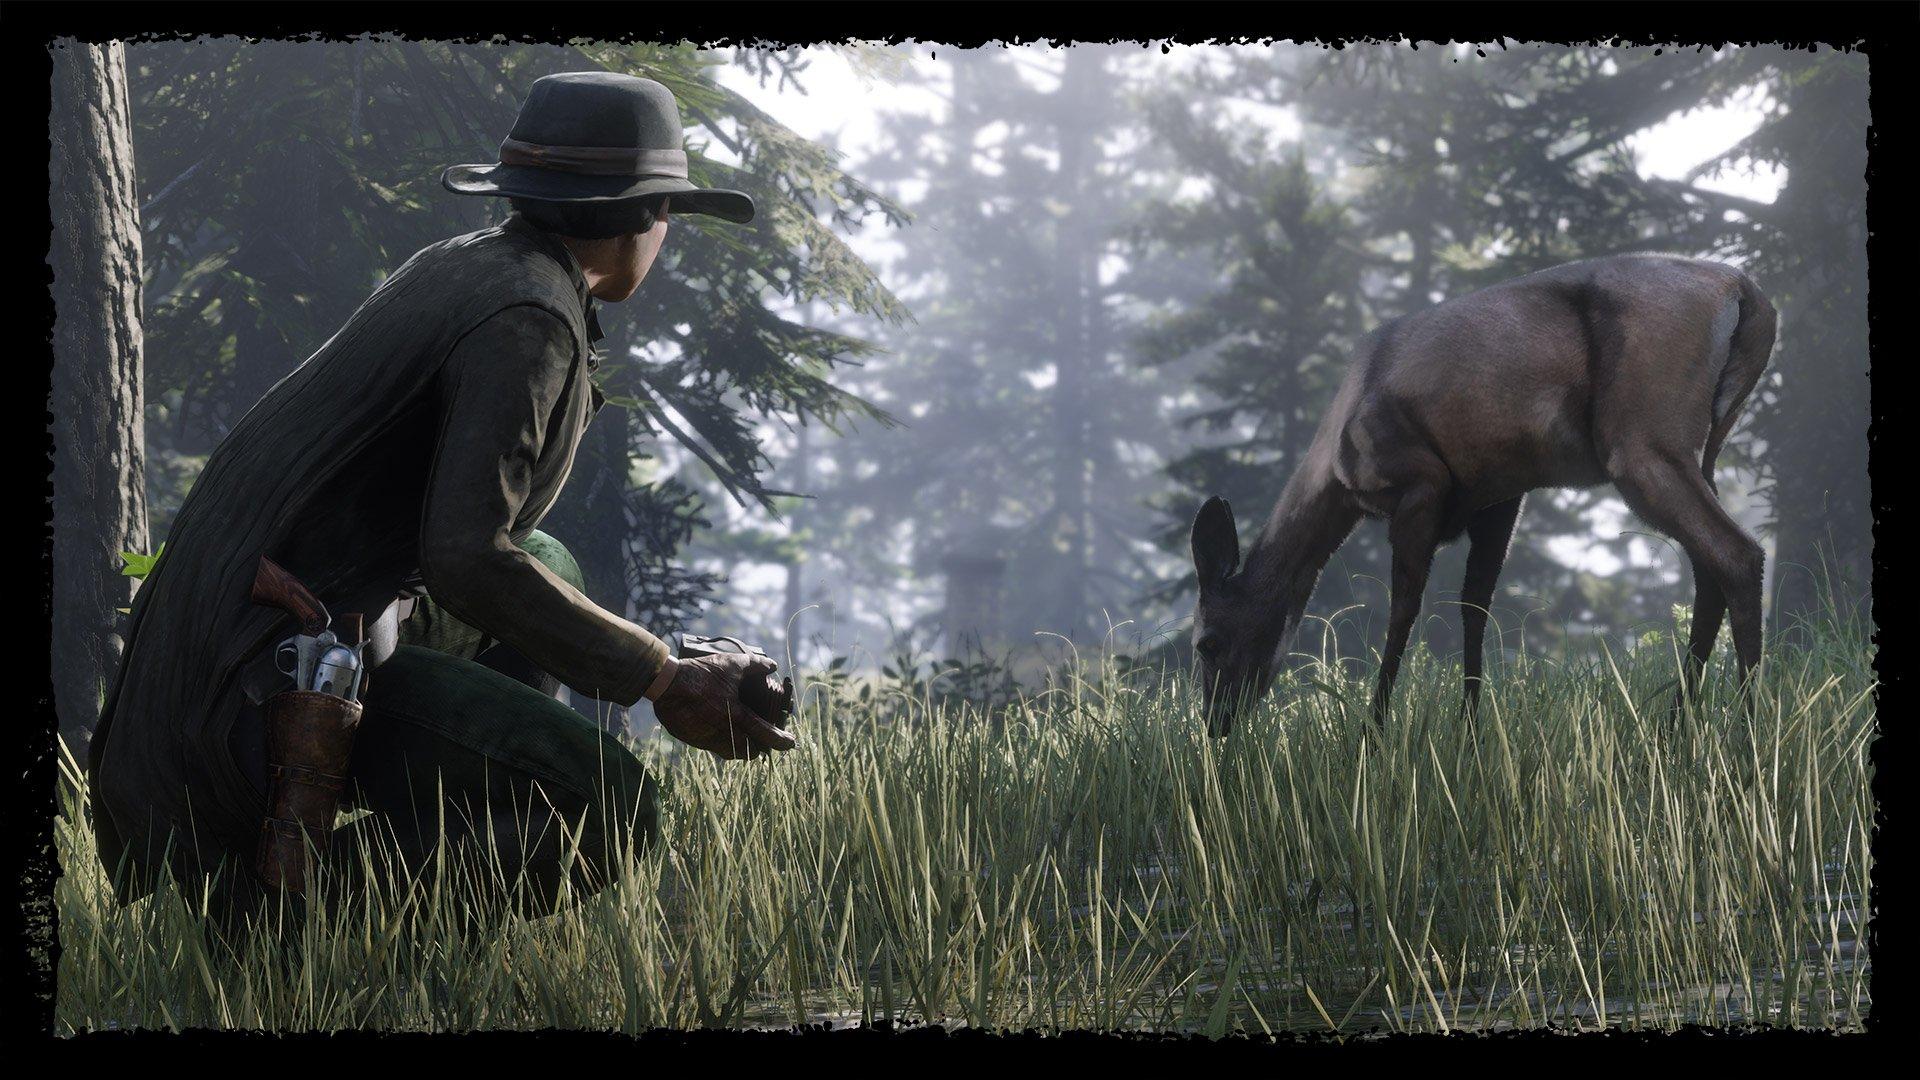 《荒野大镖客OL》推出目击传闻:传说踏泥公鹿和传说白雪公鹿